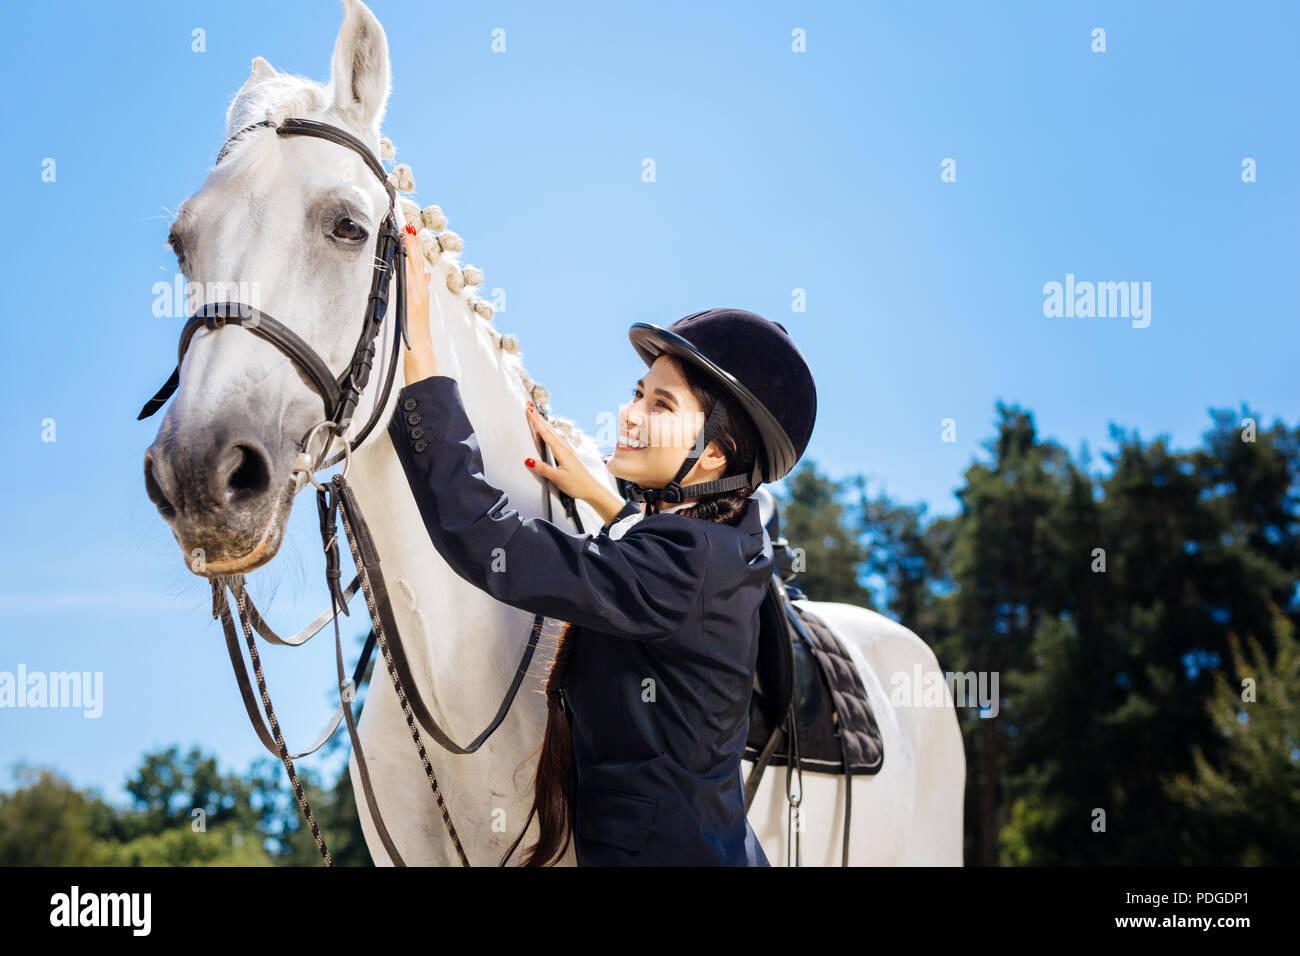 Apelando horsewoman sonriendo mientras mira su caballo blanco suave Imagen De Stock